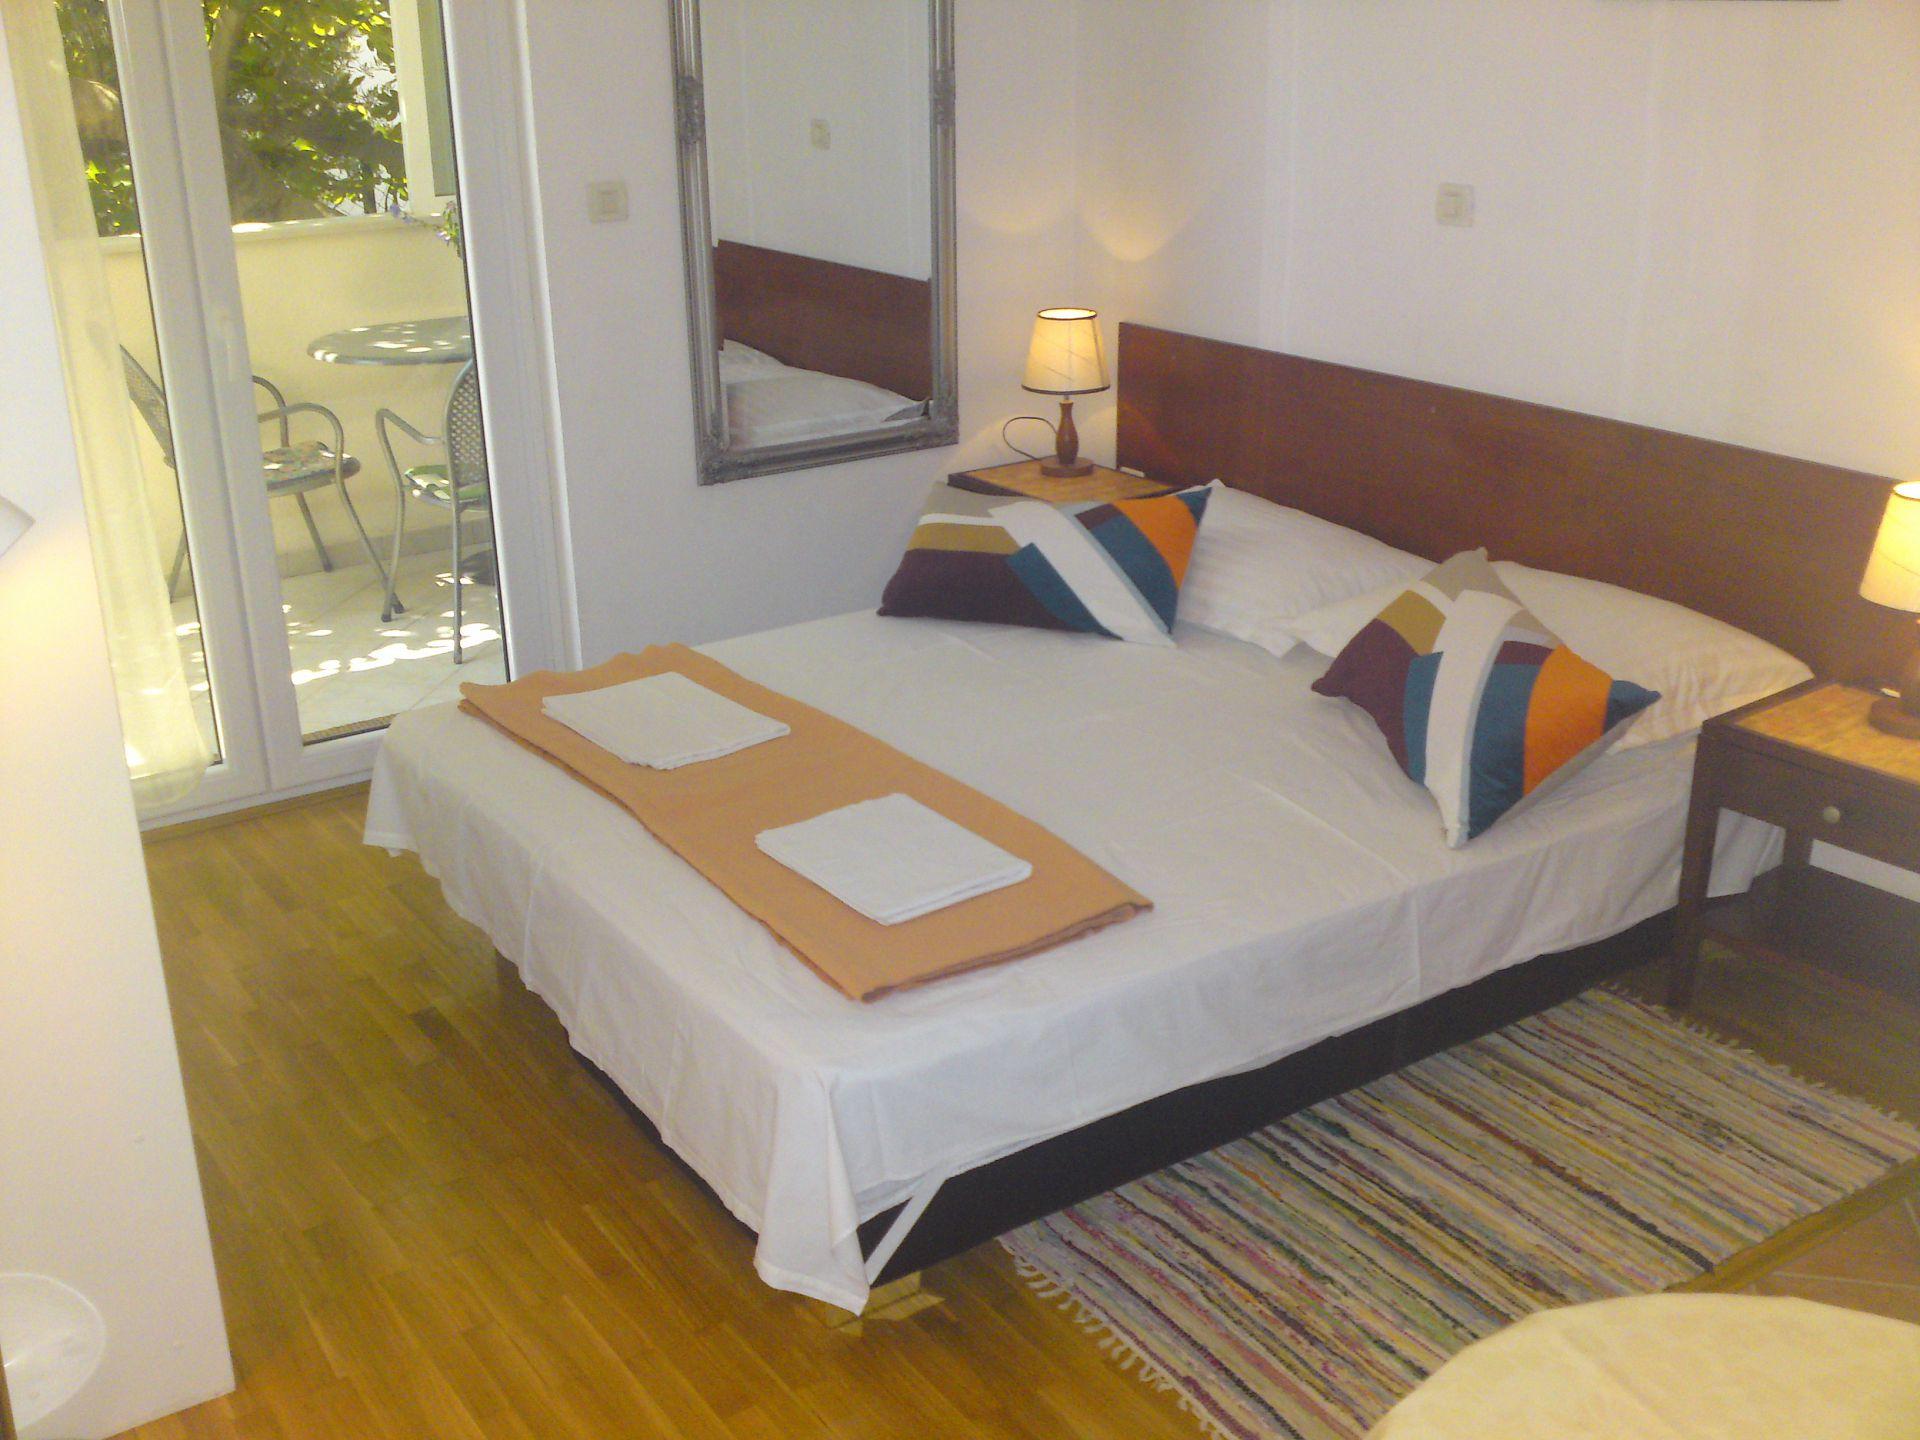 00209PISA  - Pisak - Ferienwohnungen Kroatien - A4 (2+2): Innenausstattung